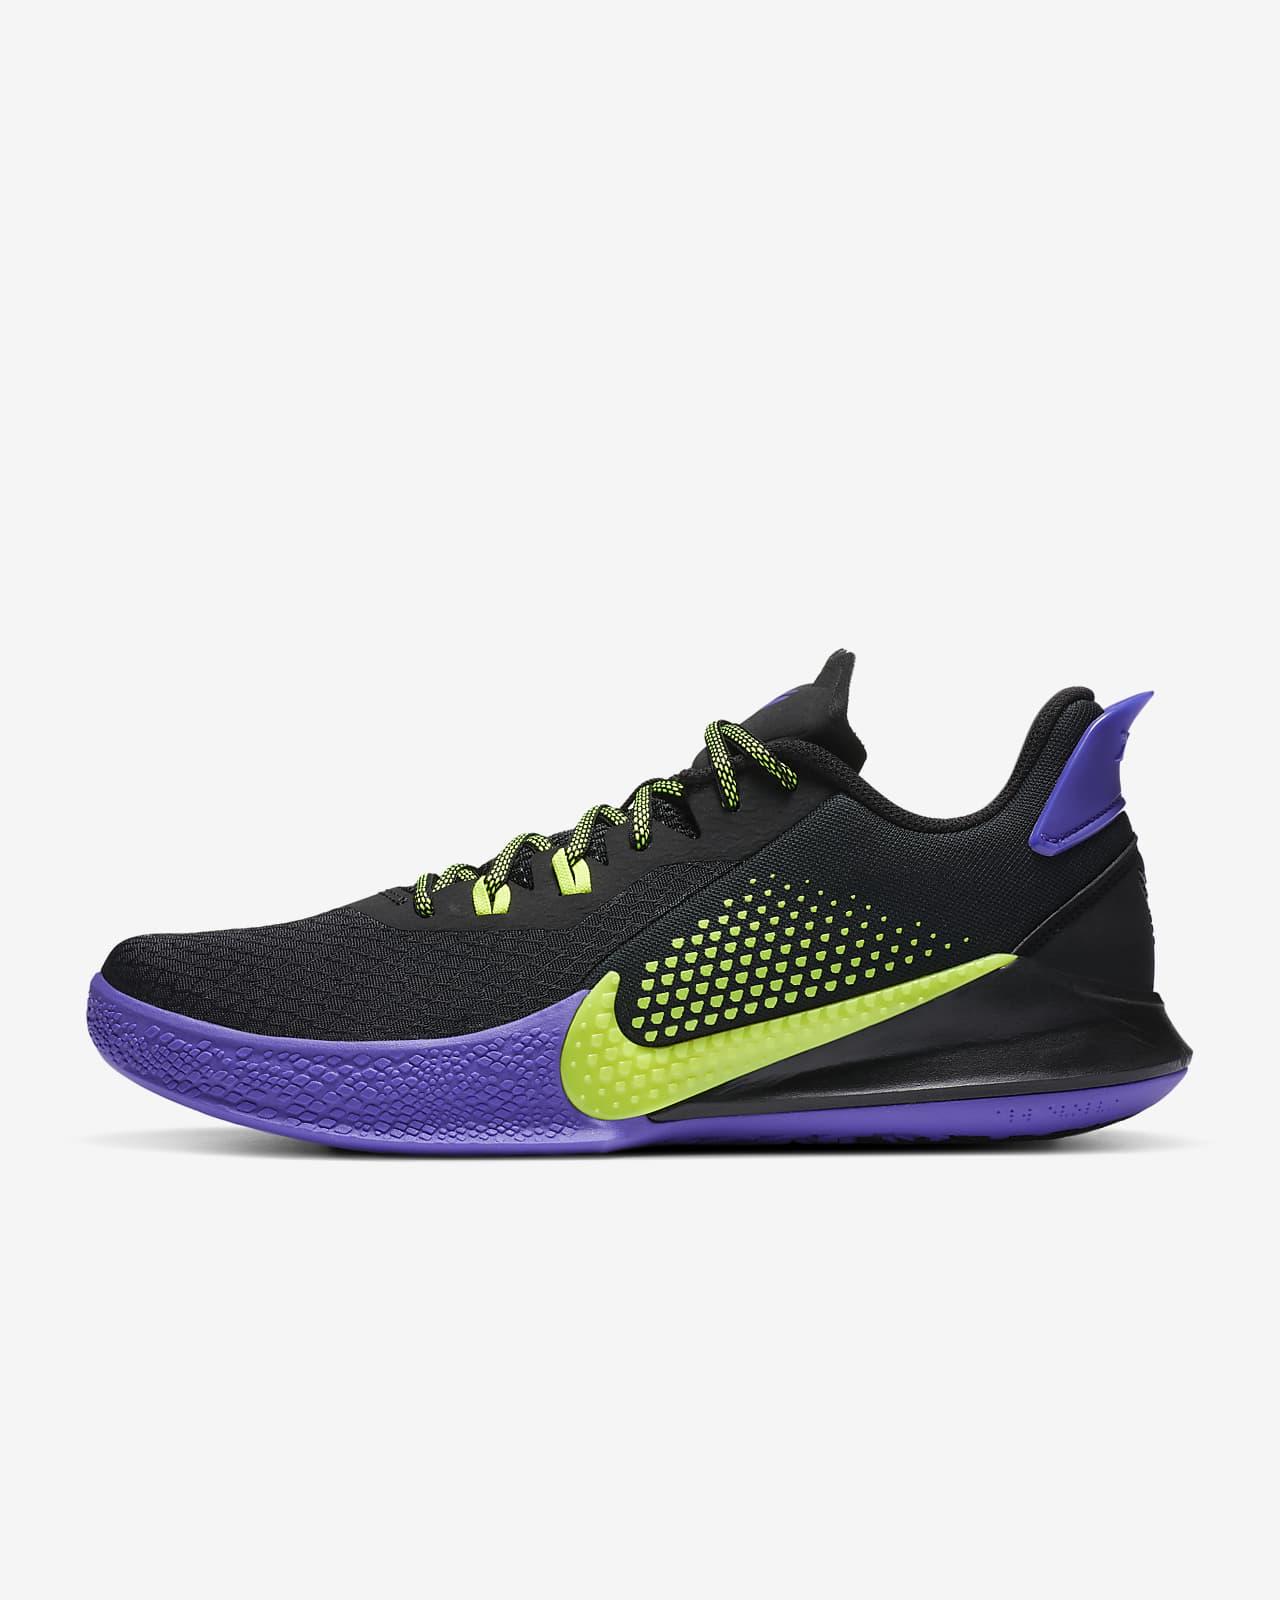 Mamba Fury Basketball Shoe